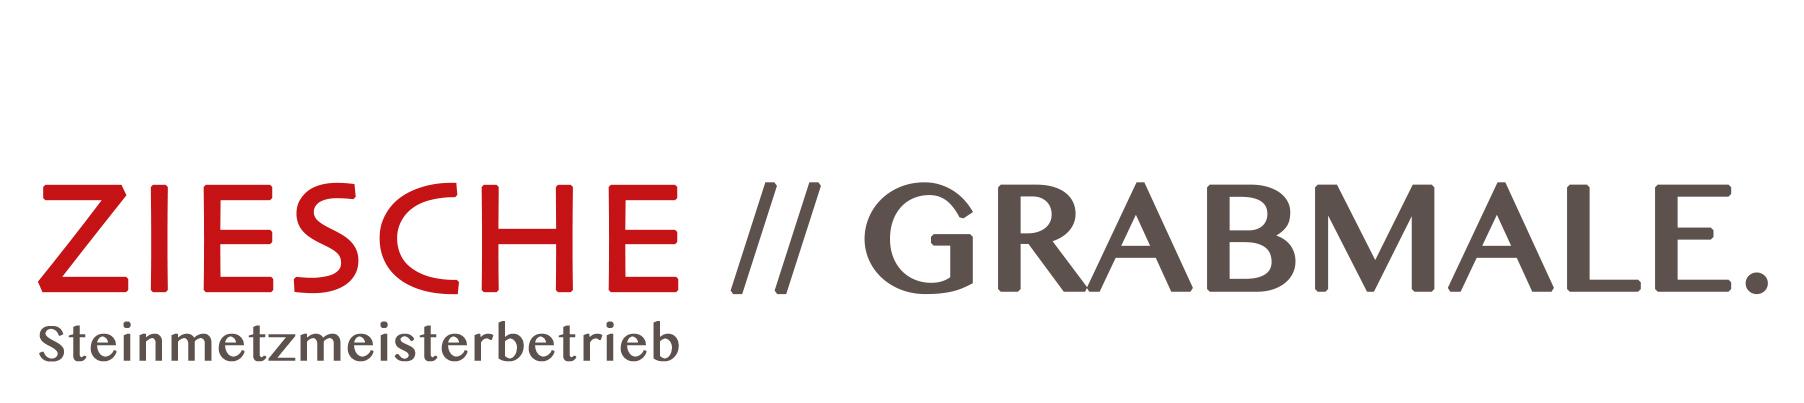 ZIESCHE // GRABMALE